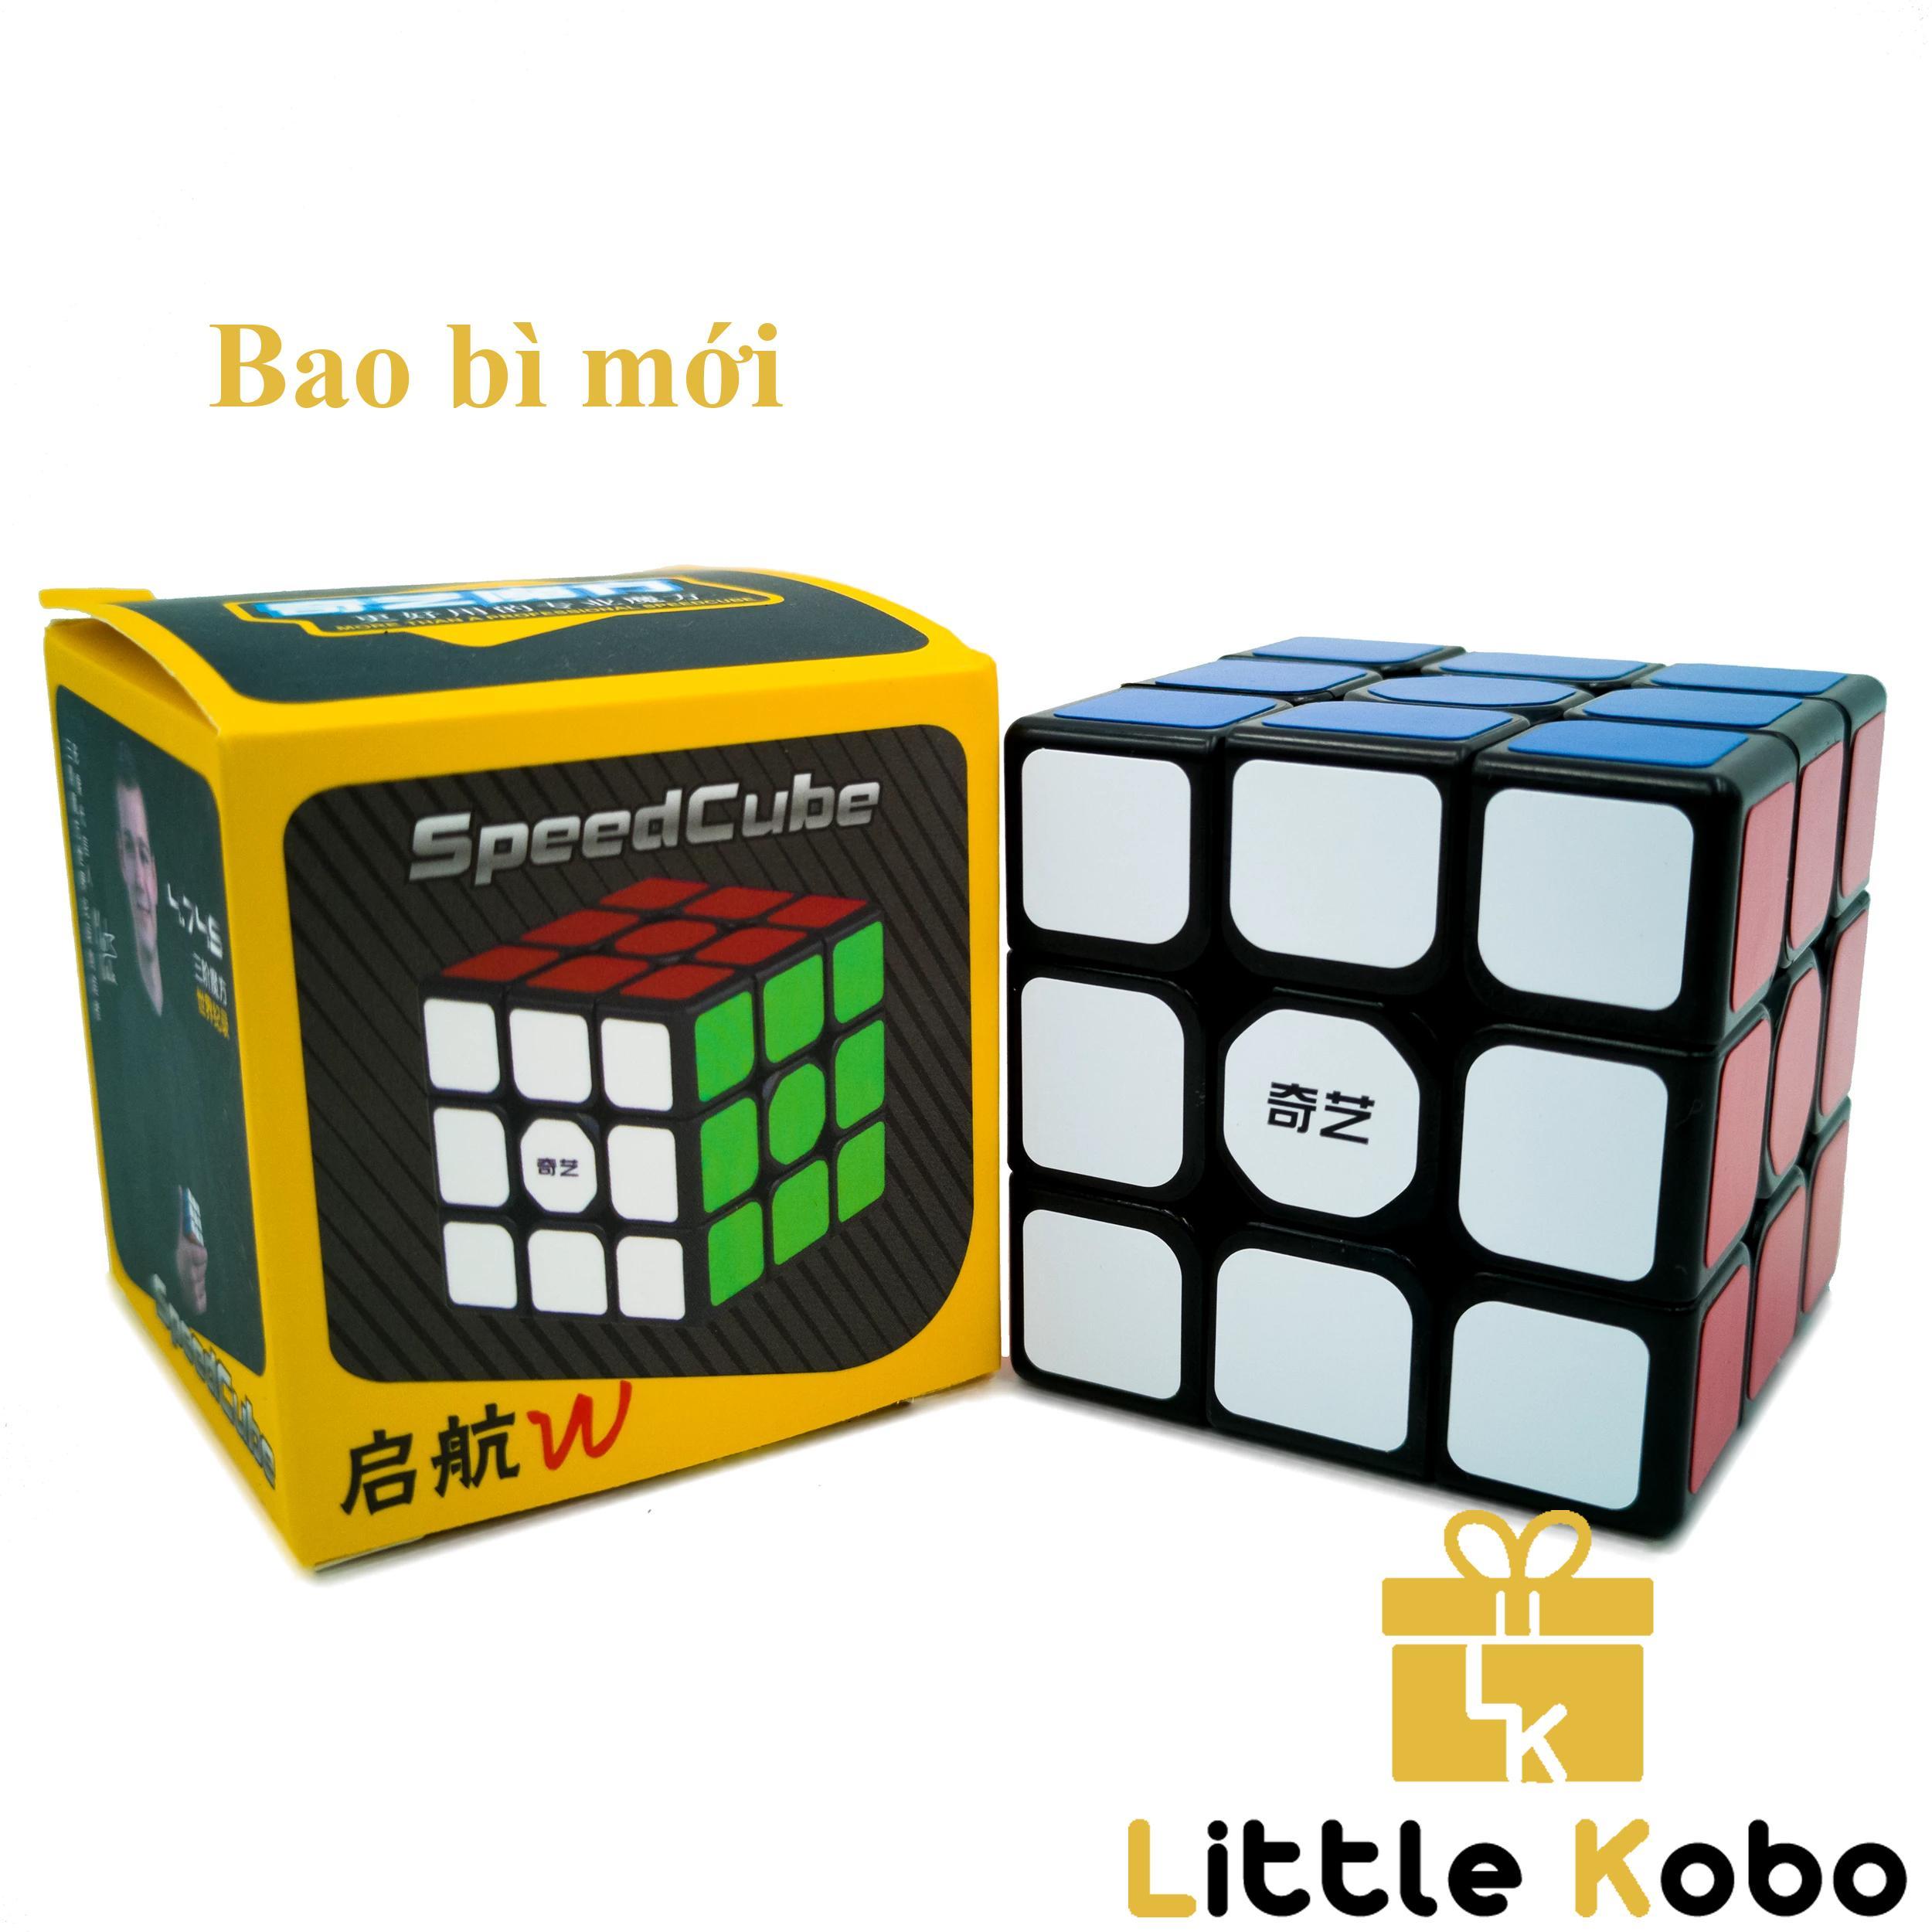 Giá Tiết Kiệm Để Sở Hữu Ngay Rubik 3x3 Qiyi Sail W Rubik 3 Tầng Khối Lập Phương Rubik